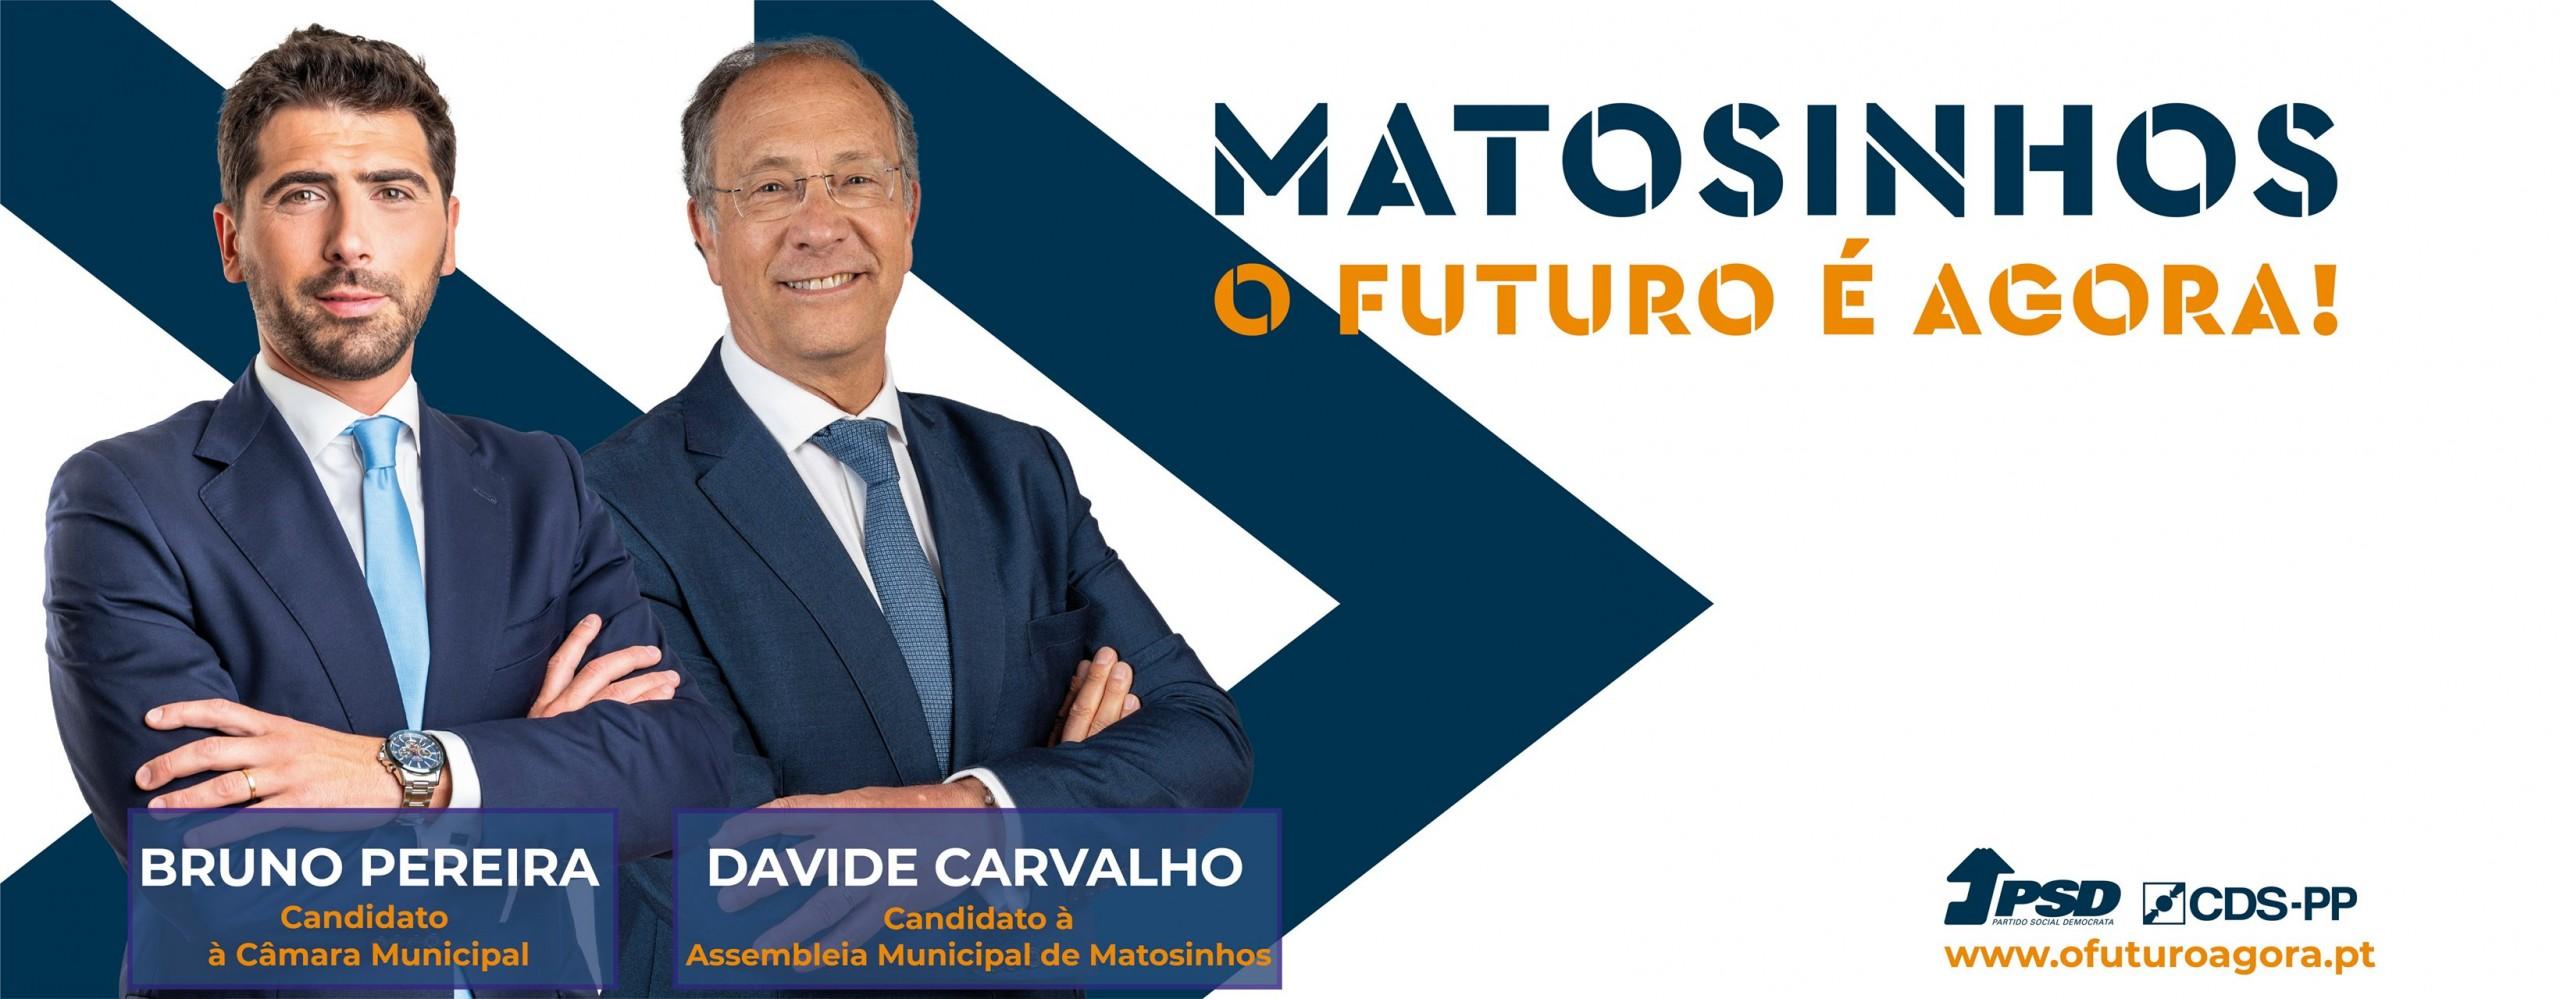 Bruno Pereira e Davide Carvalho